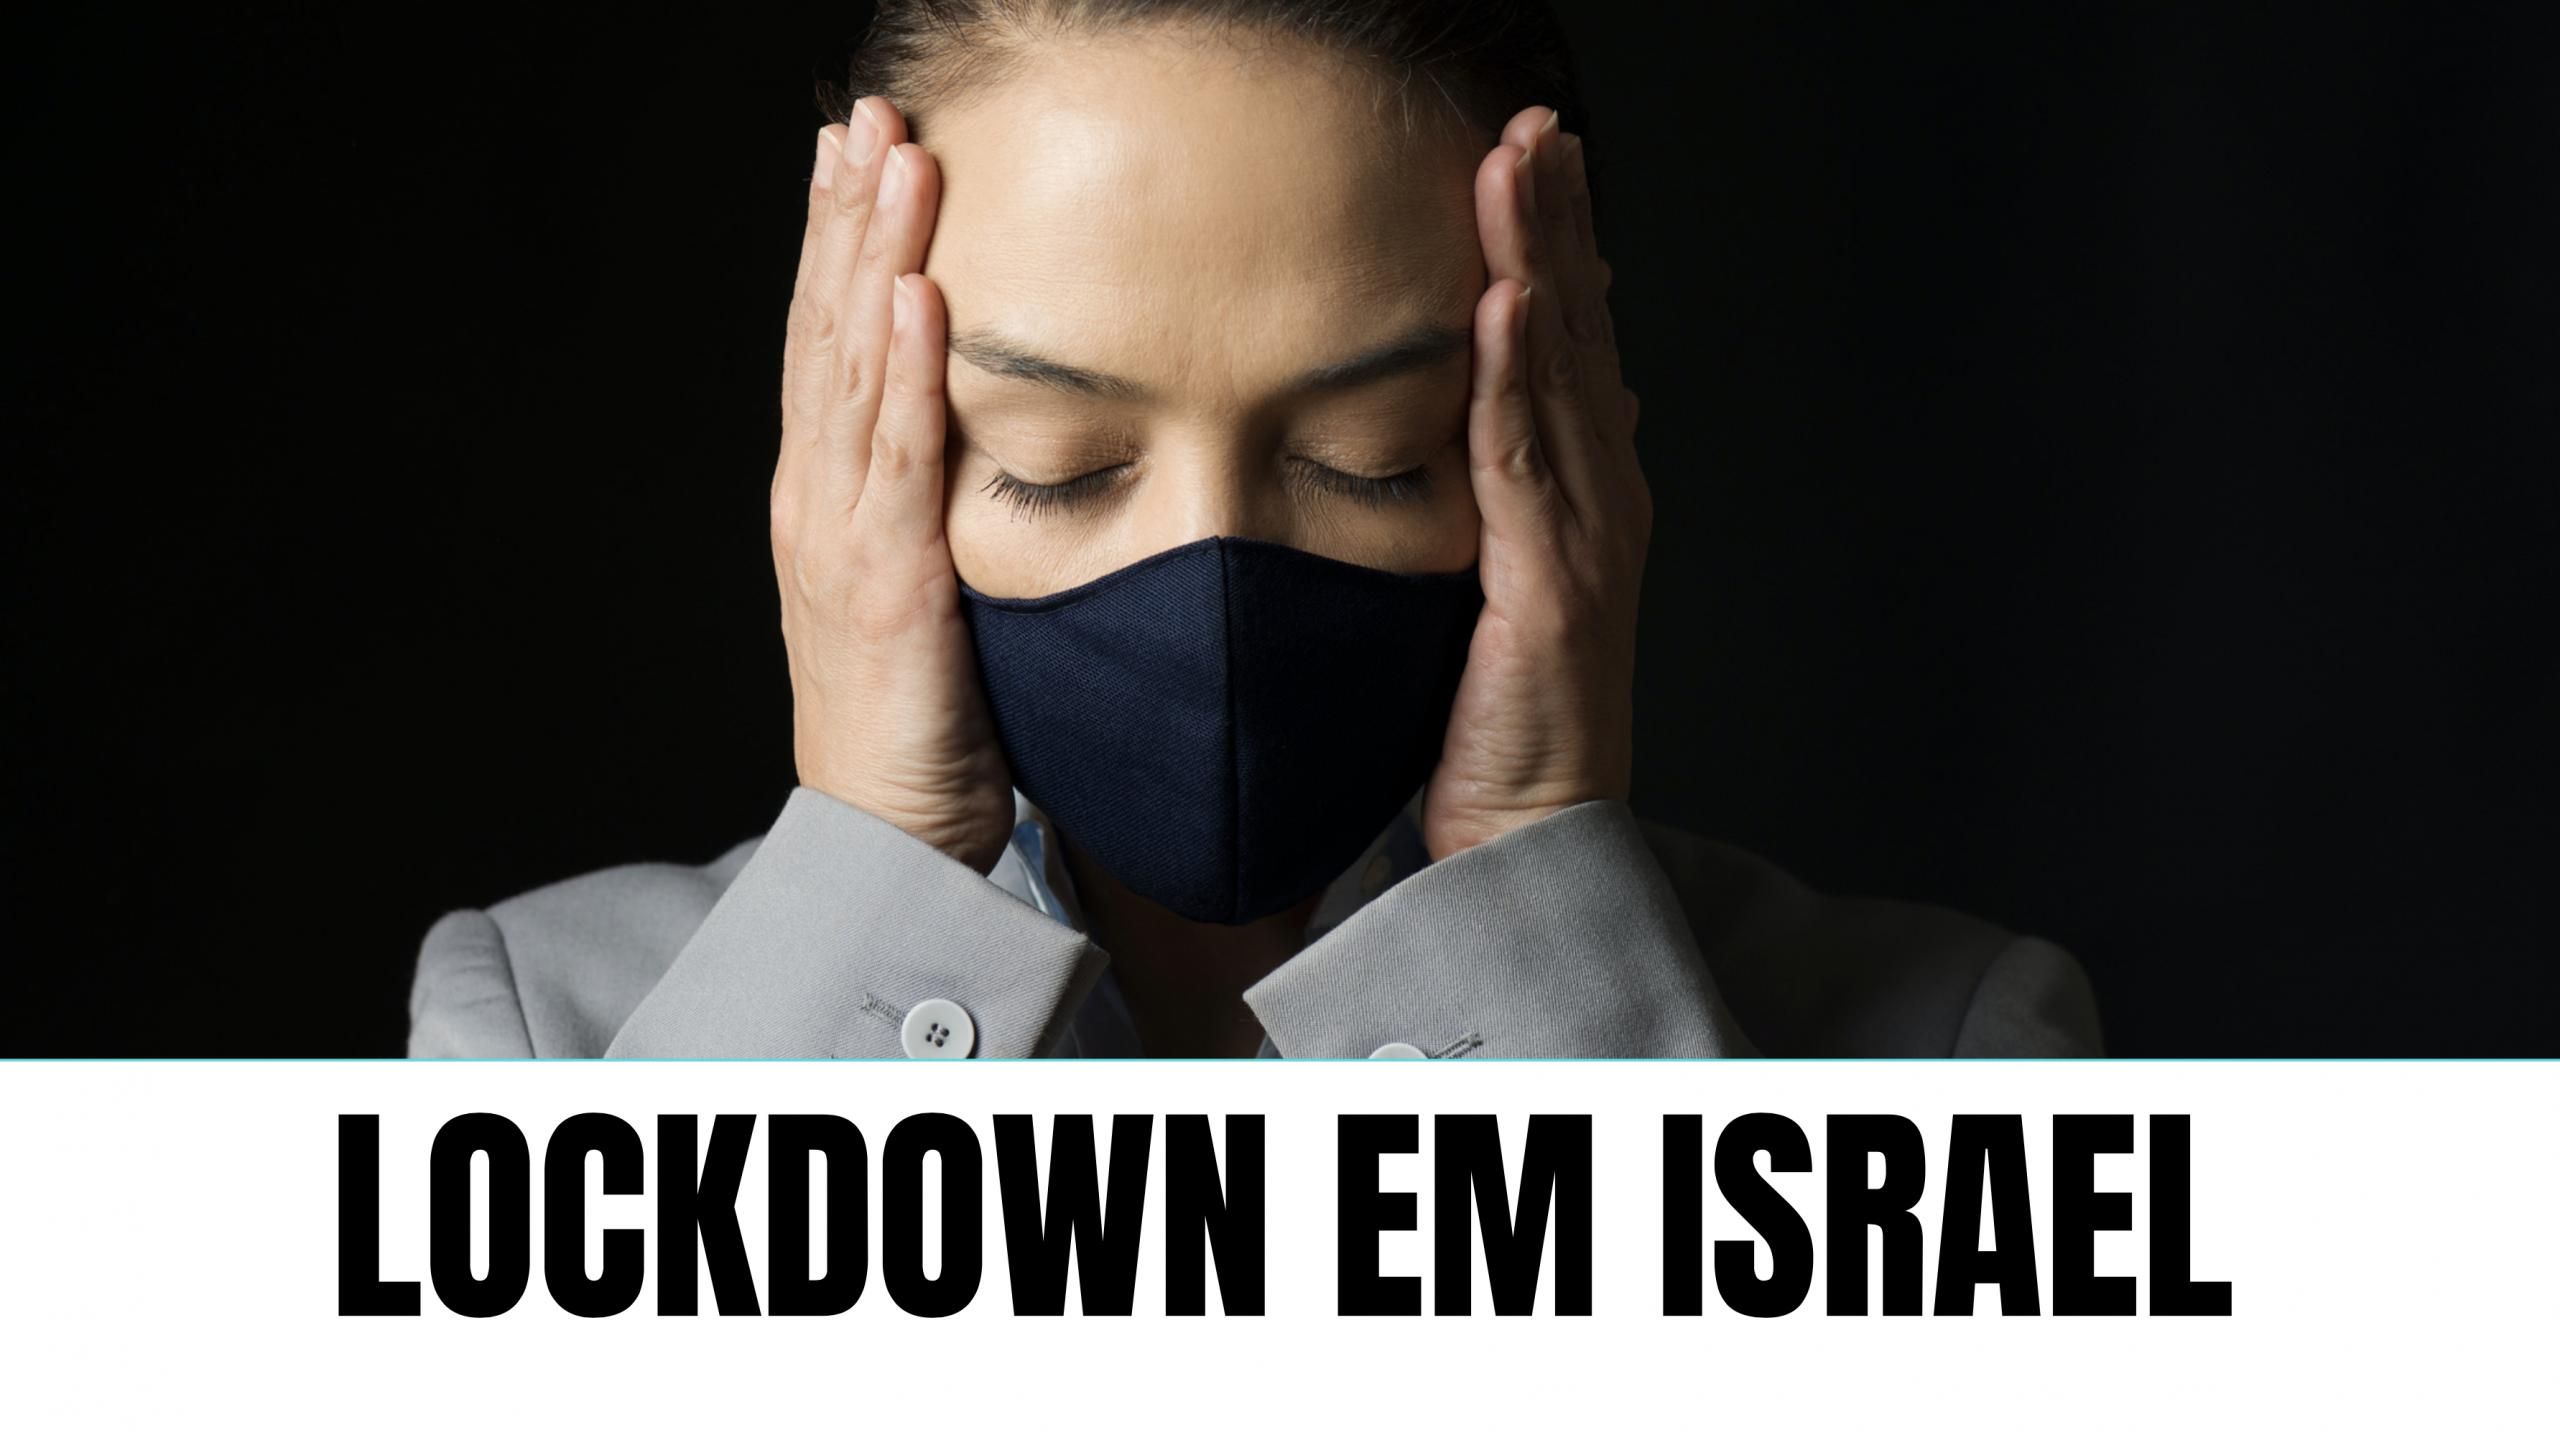 Israel volta ao confinamento em plena temporada de festas judaicas